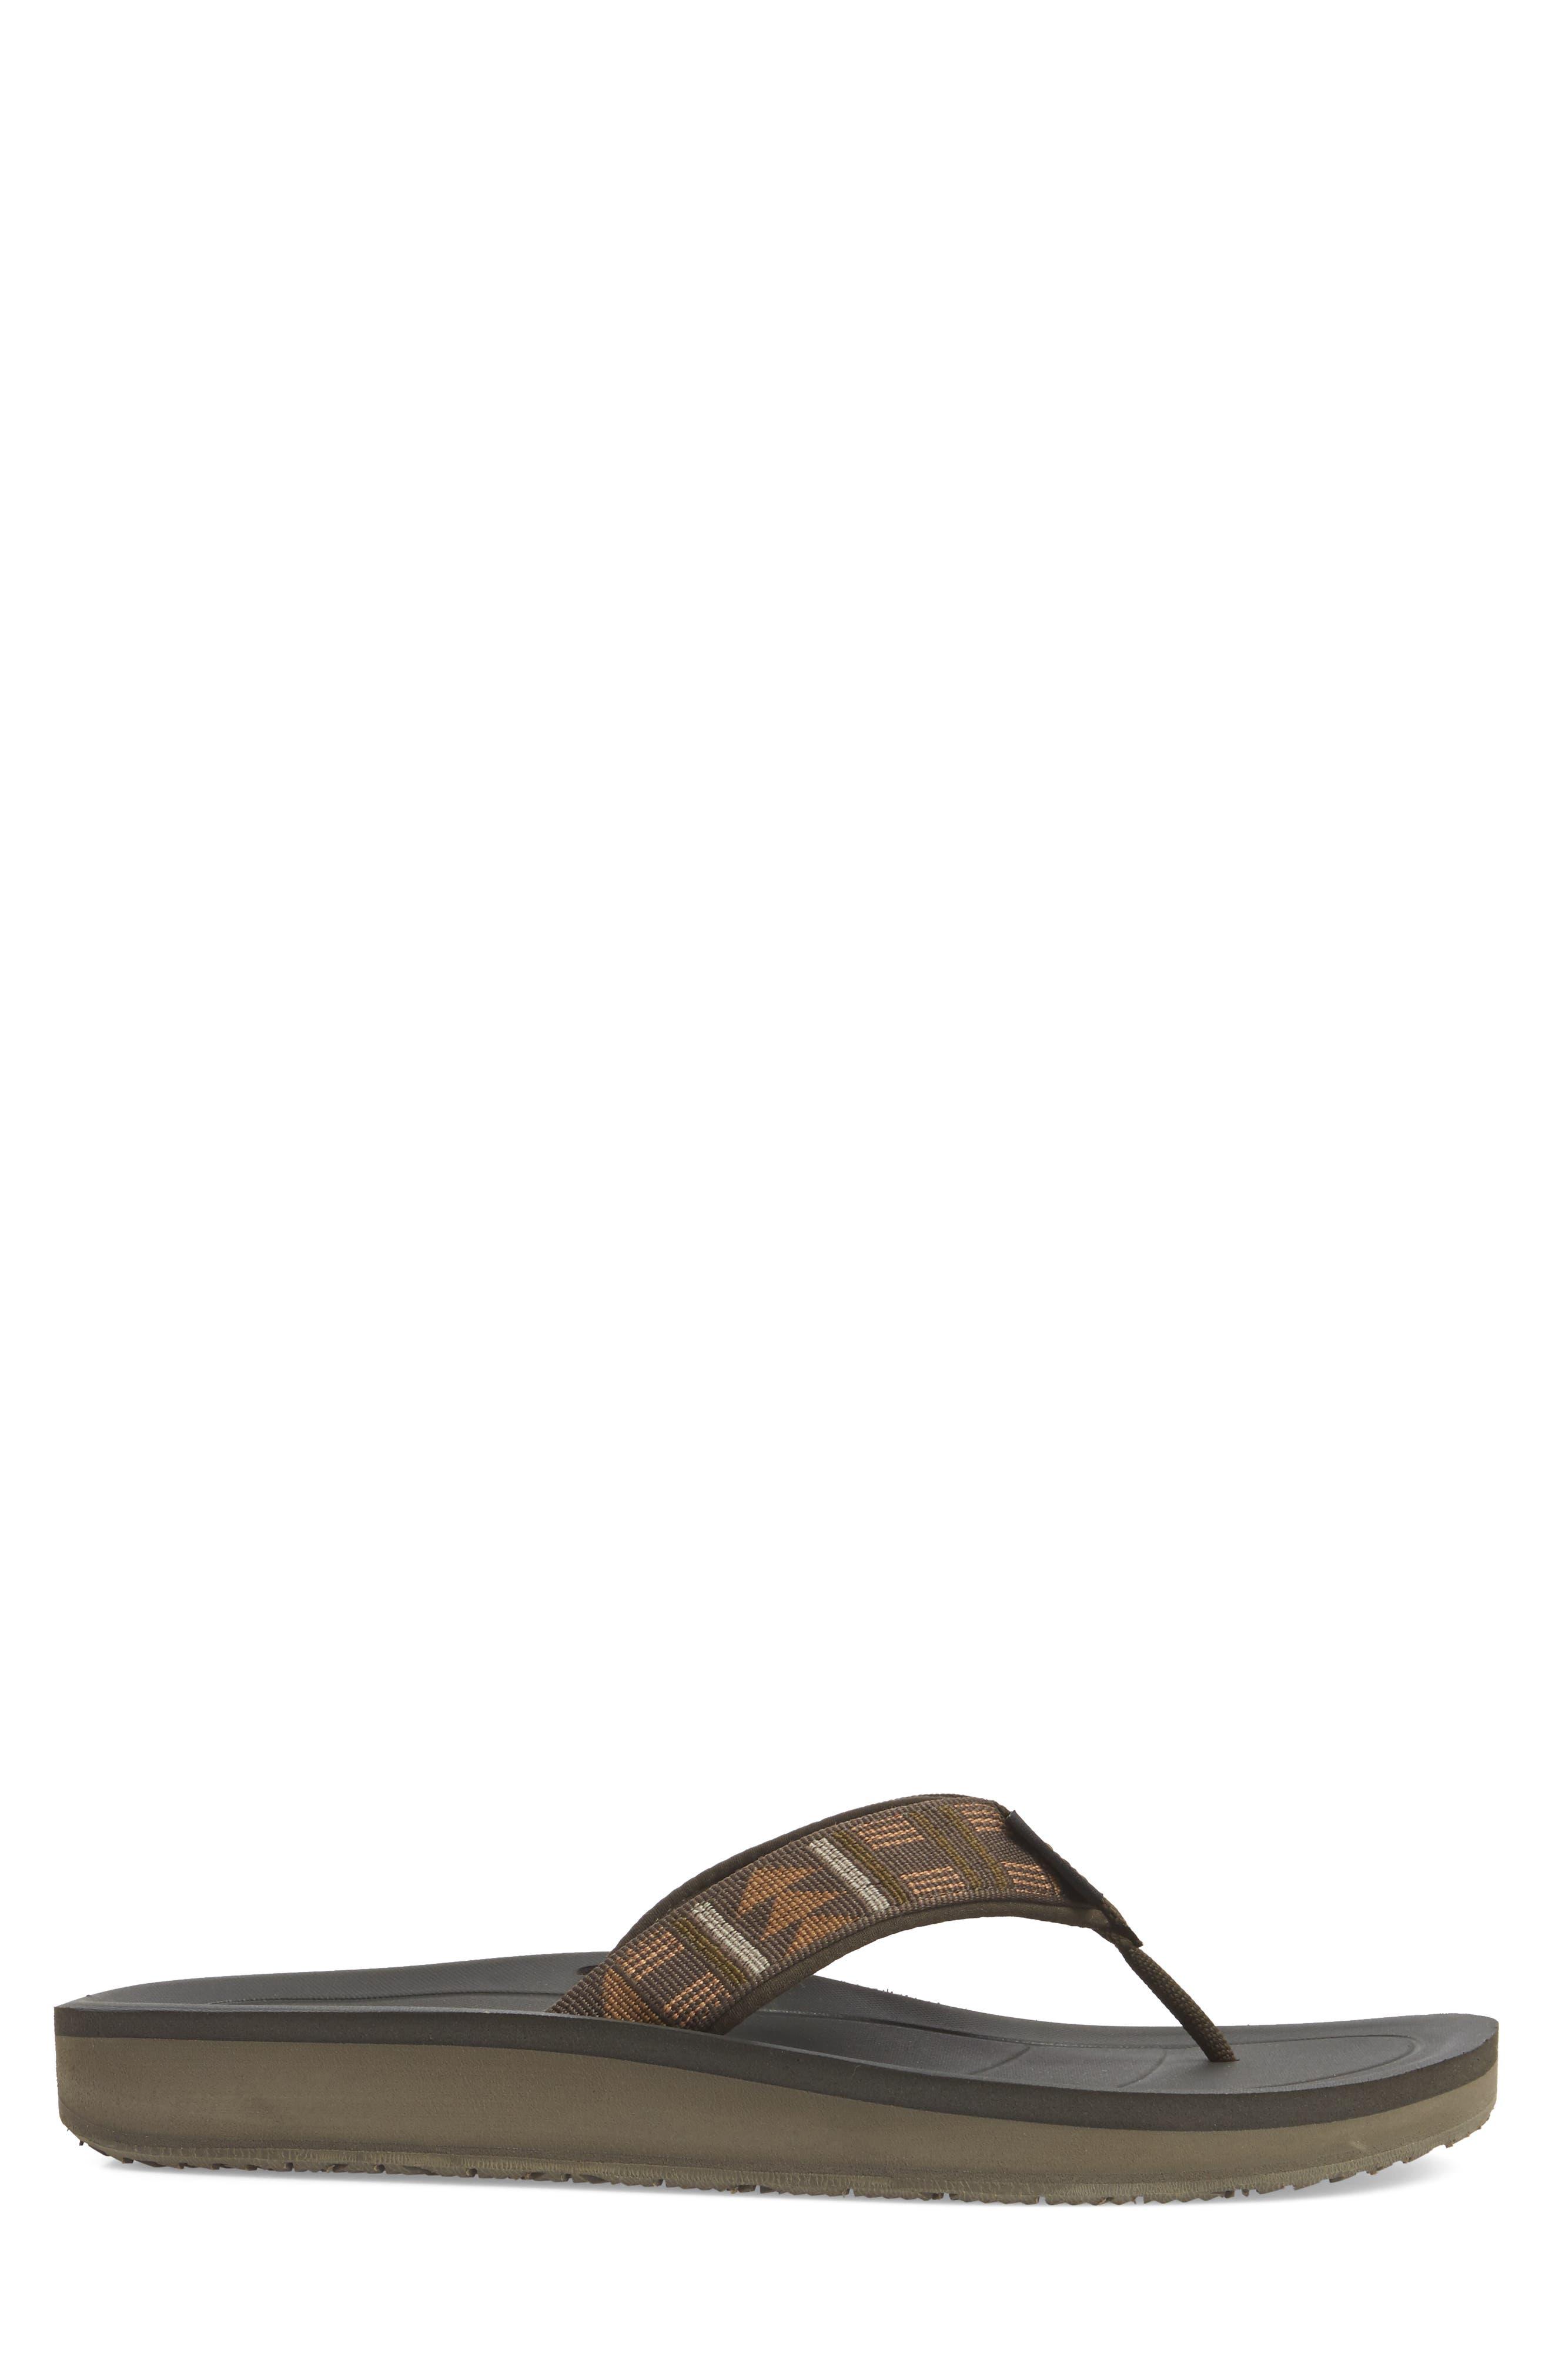 Flip Premier Flip Flop,                             Alternate thumbnail 3, color,                             Brown Nylon